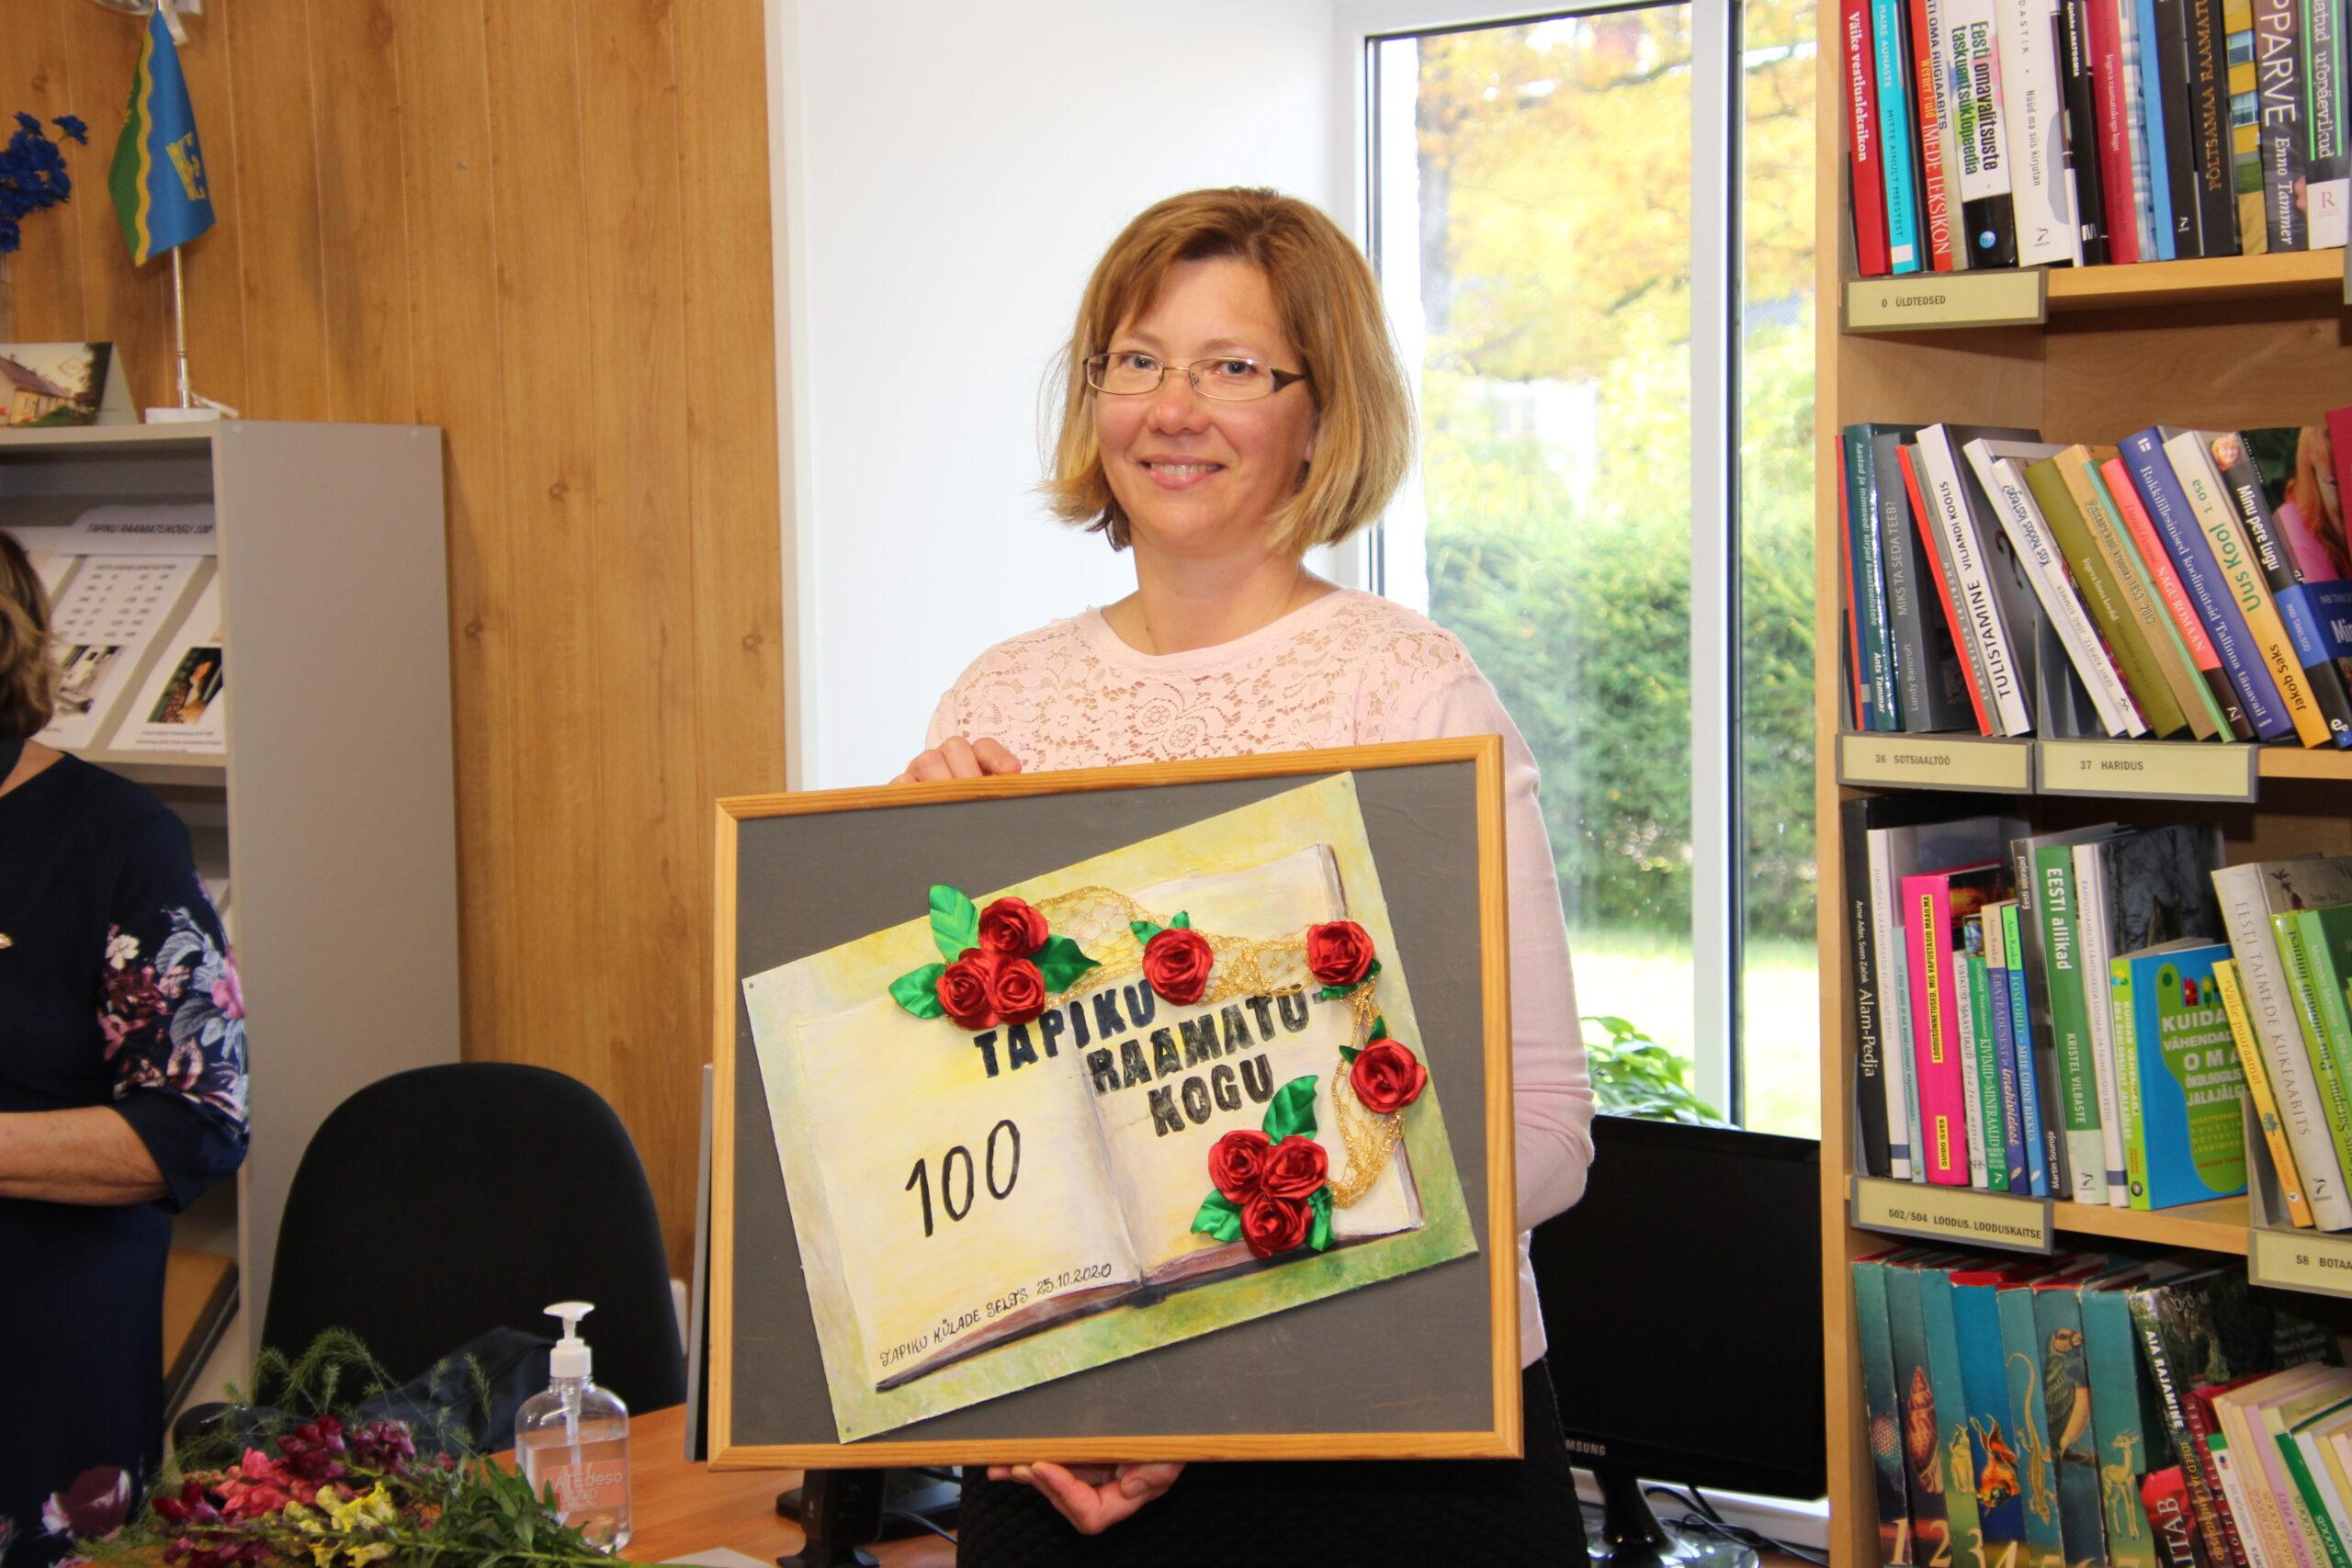 Tapiku raamatukoguhoidja Hiie Nugis koos kingituseks saadud ilusa kunstiteosega. Foto Raimo Metsamärt.